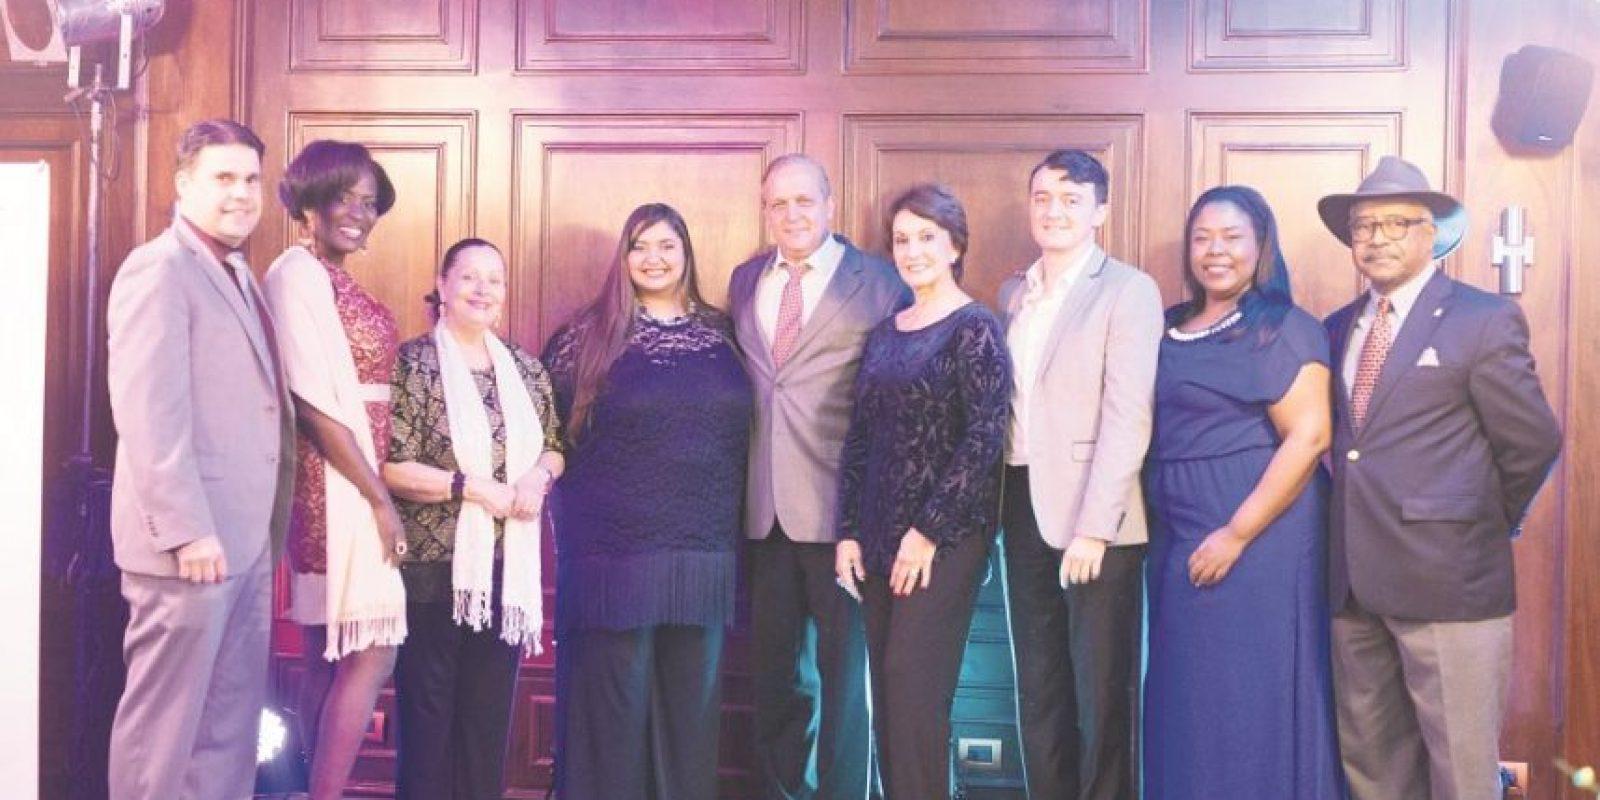 """El grupo de artistas que iluminan la """"Gala de la Canción Dominicana"""". Foto:Fuente externa"""